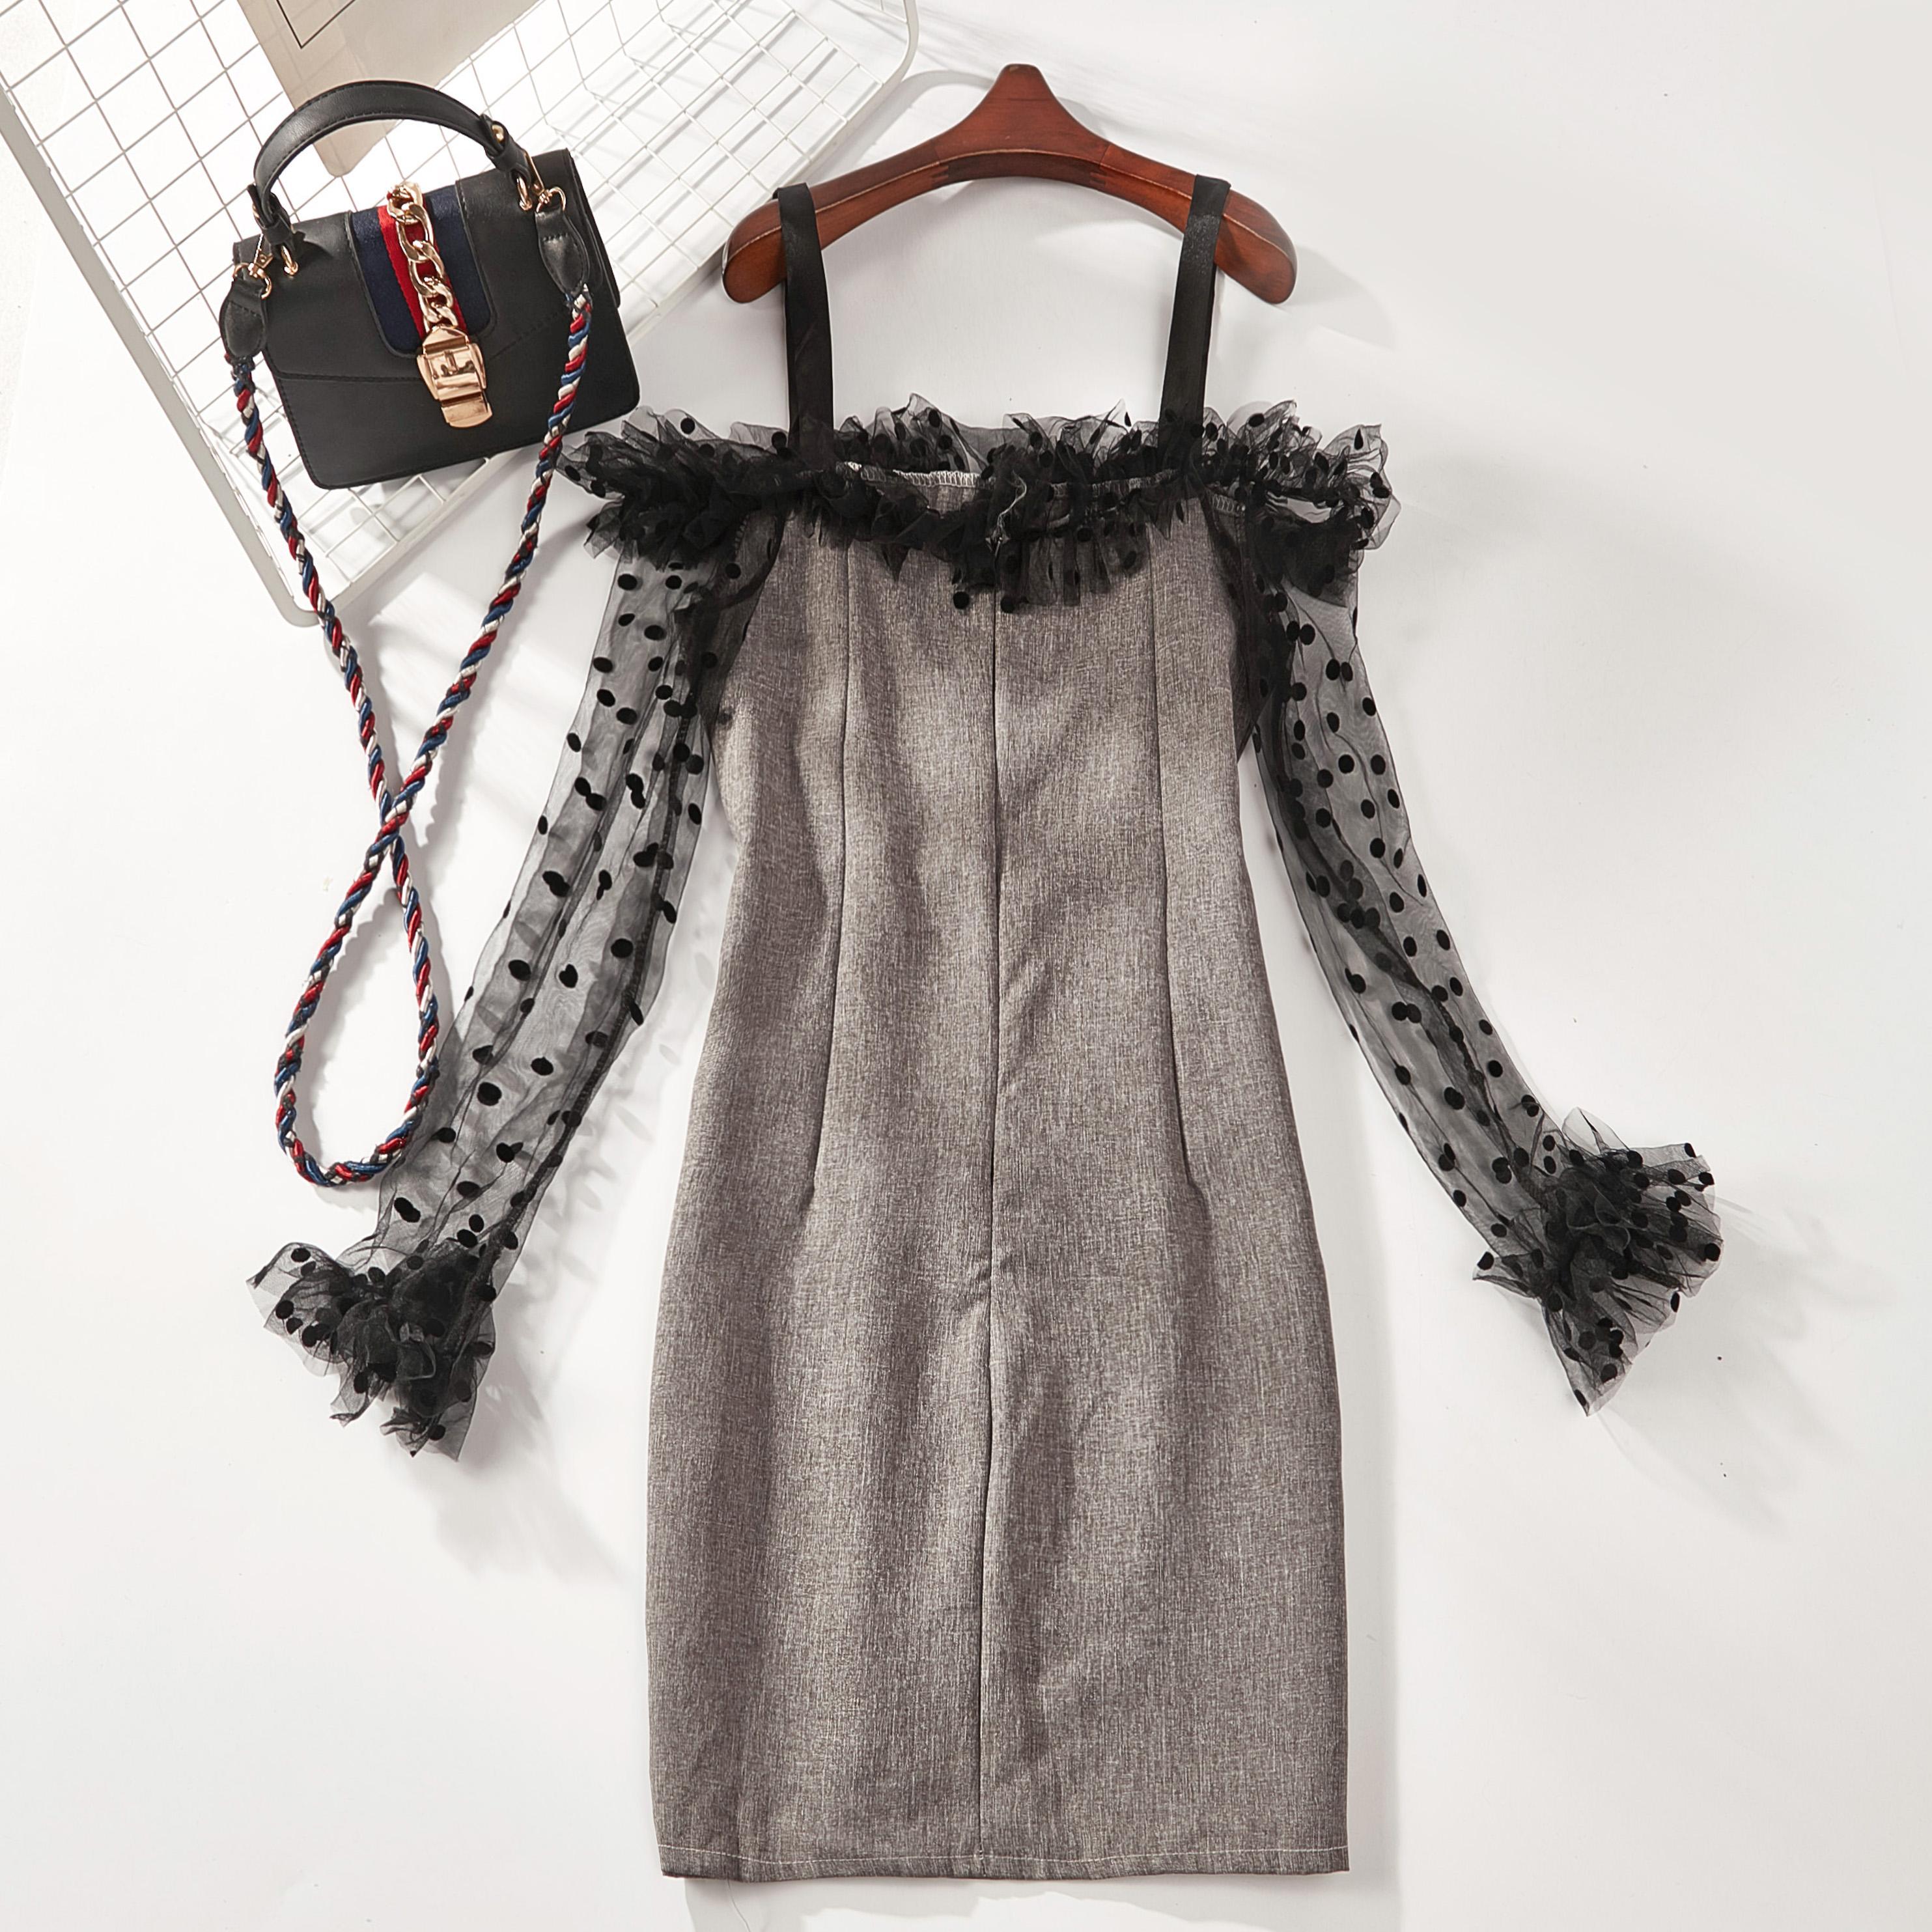 B37 thời trang mới dot váy của phụ nữ 7710